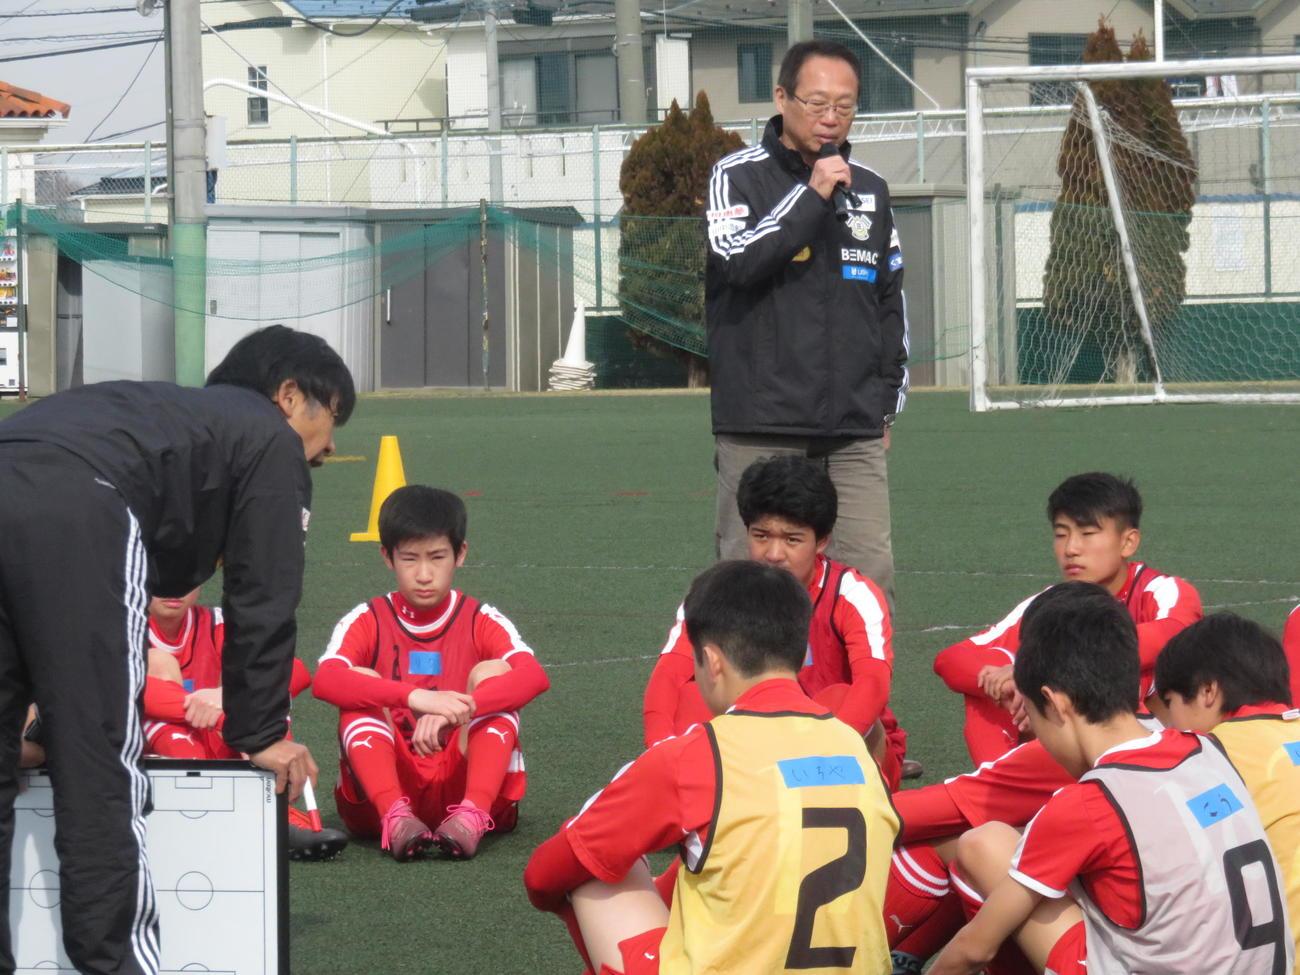 「岡田メソッド」セミナーを実施するFC今治の岡田オーナー(奥)